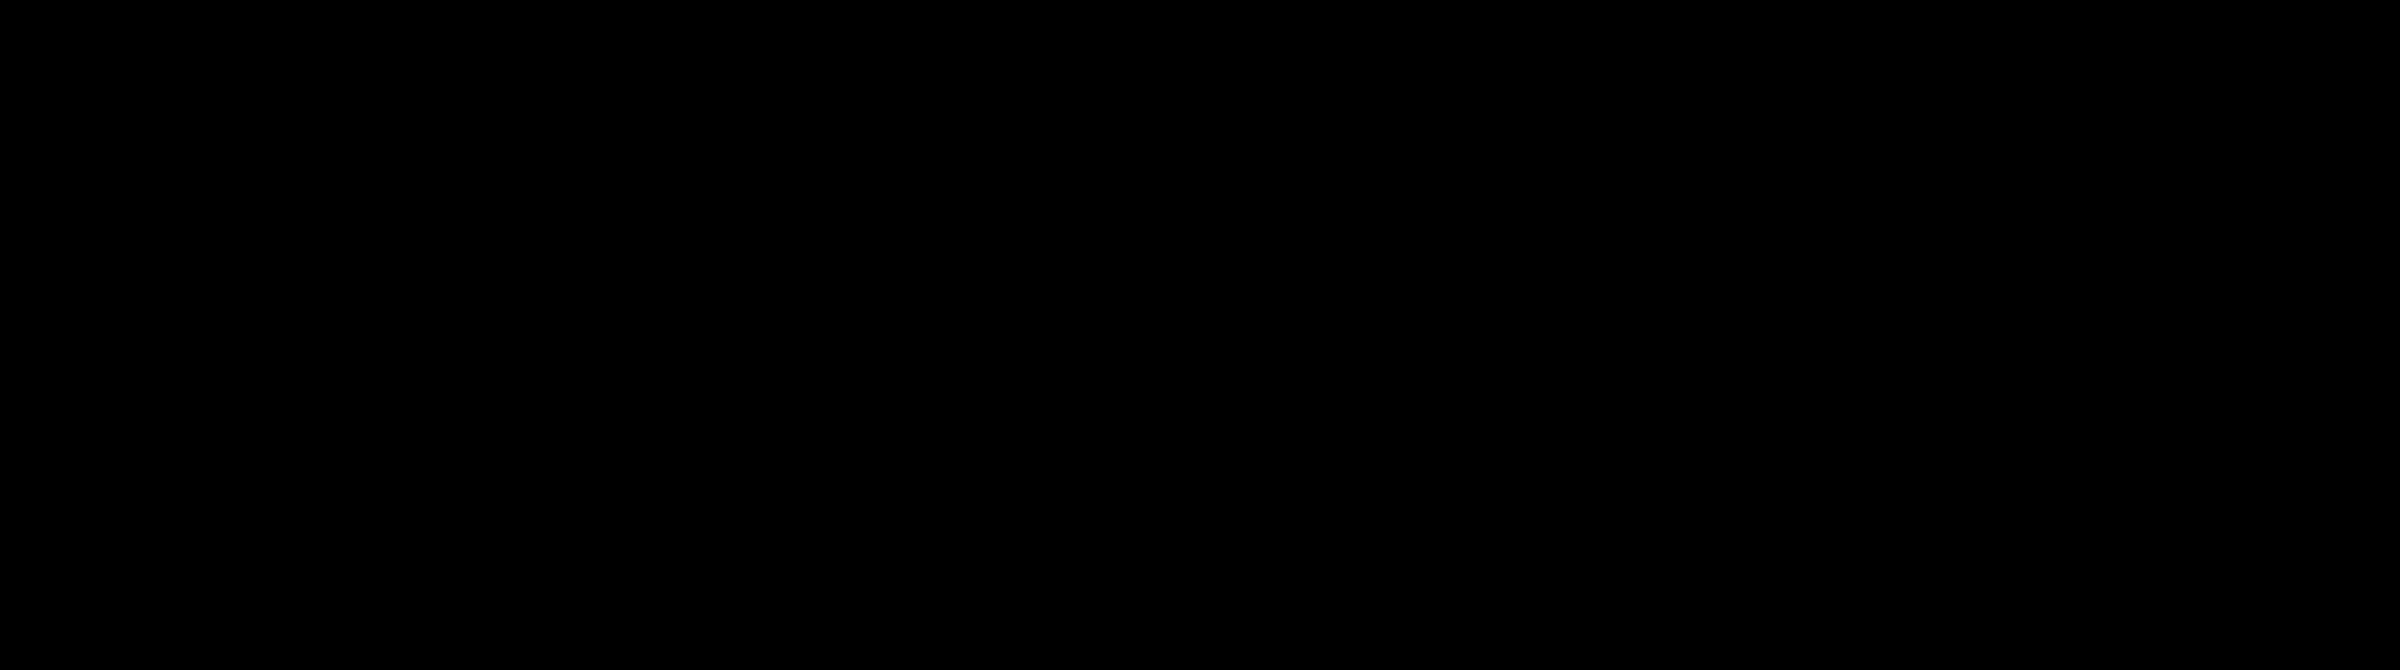 Banner Png Black.